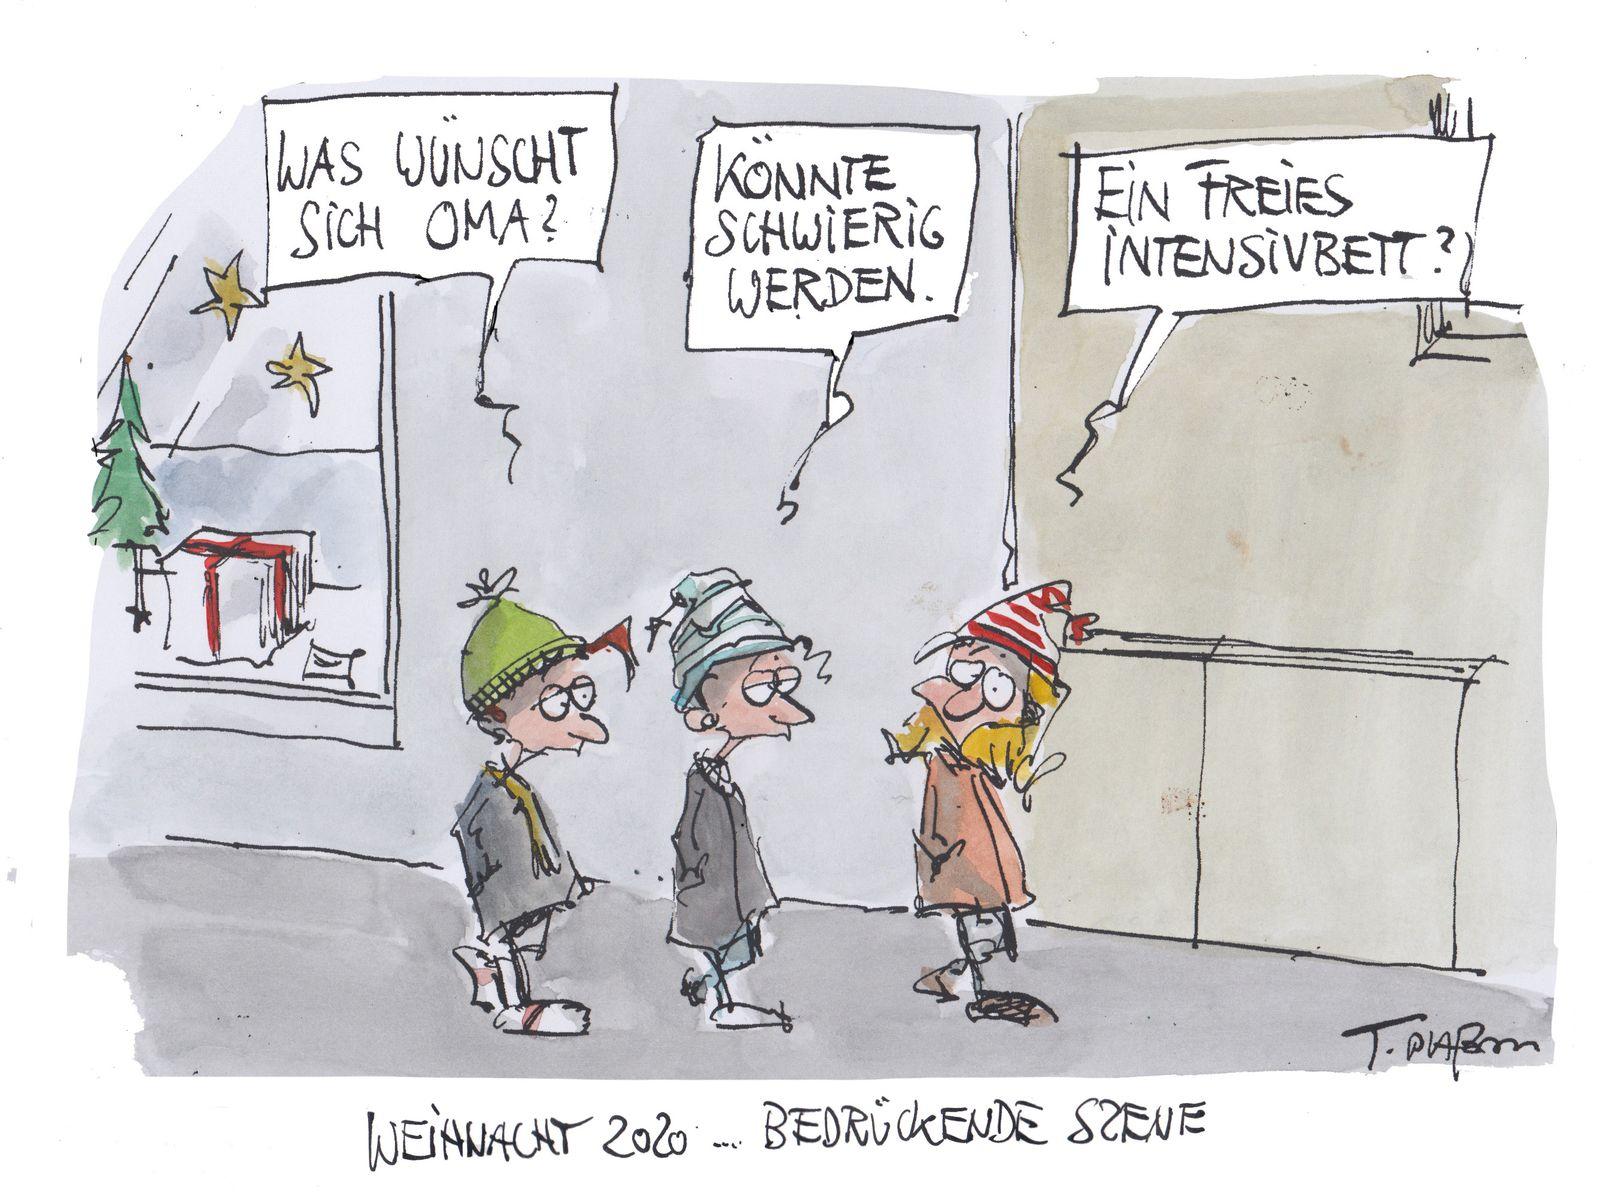 was wuenscht sich Cartoons/ 01.12.20